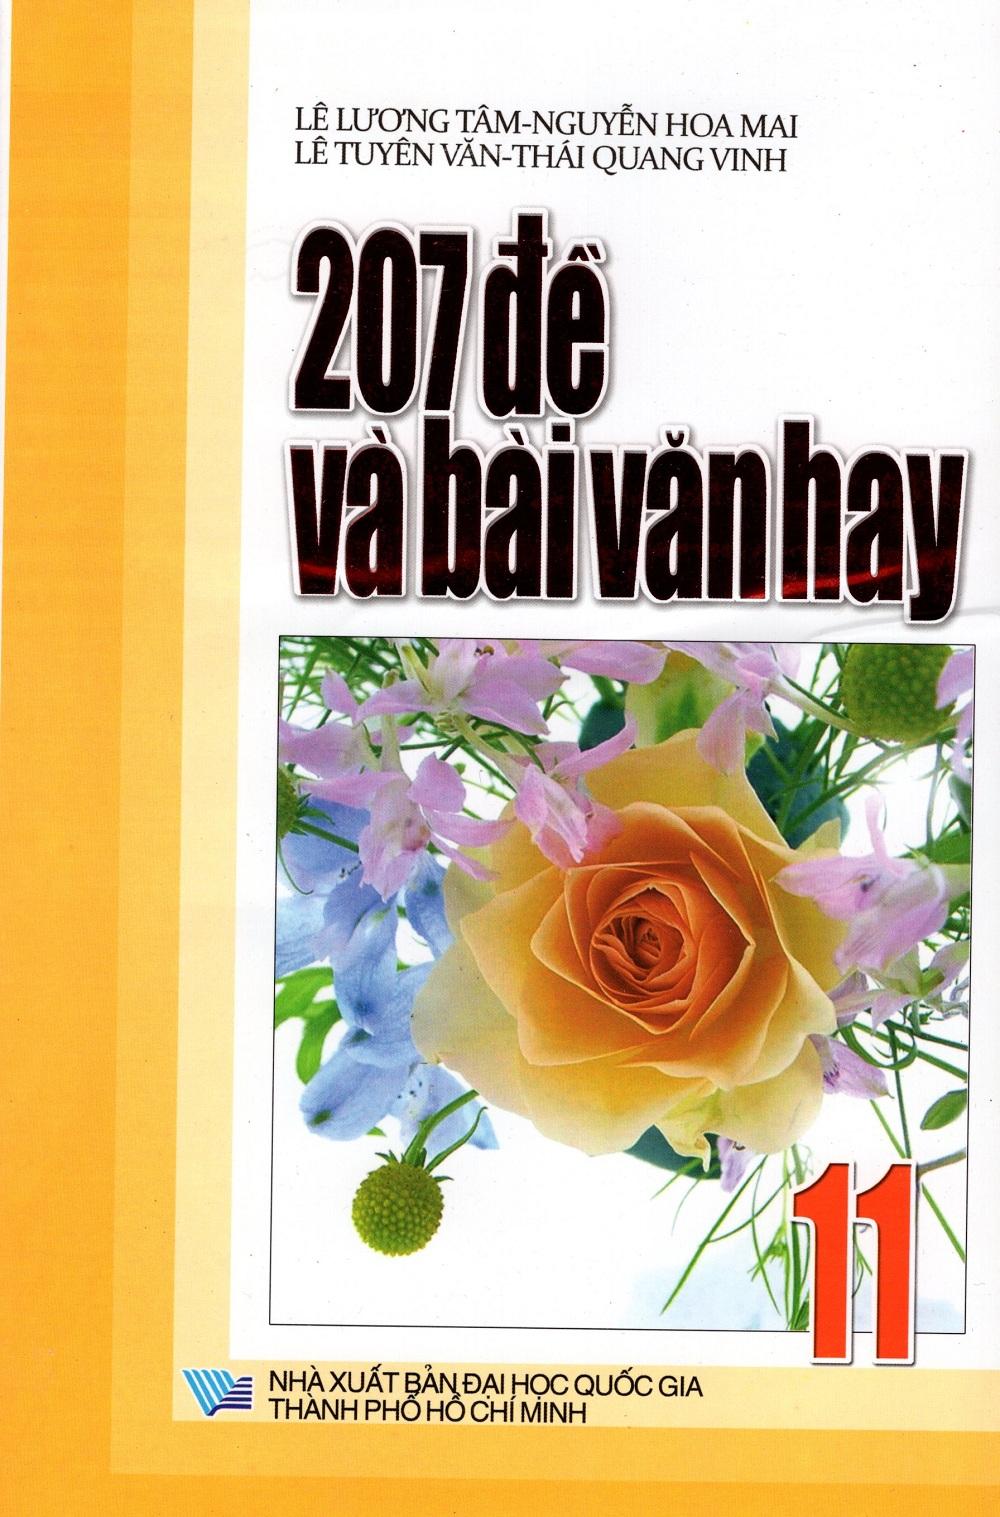 Bìa sách 207 Đề Và Bài Văn Hay Lớp 11